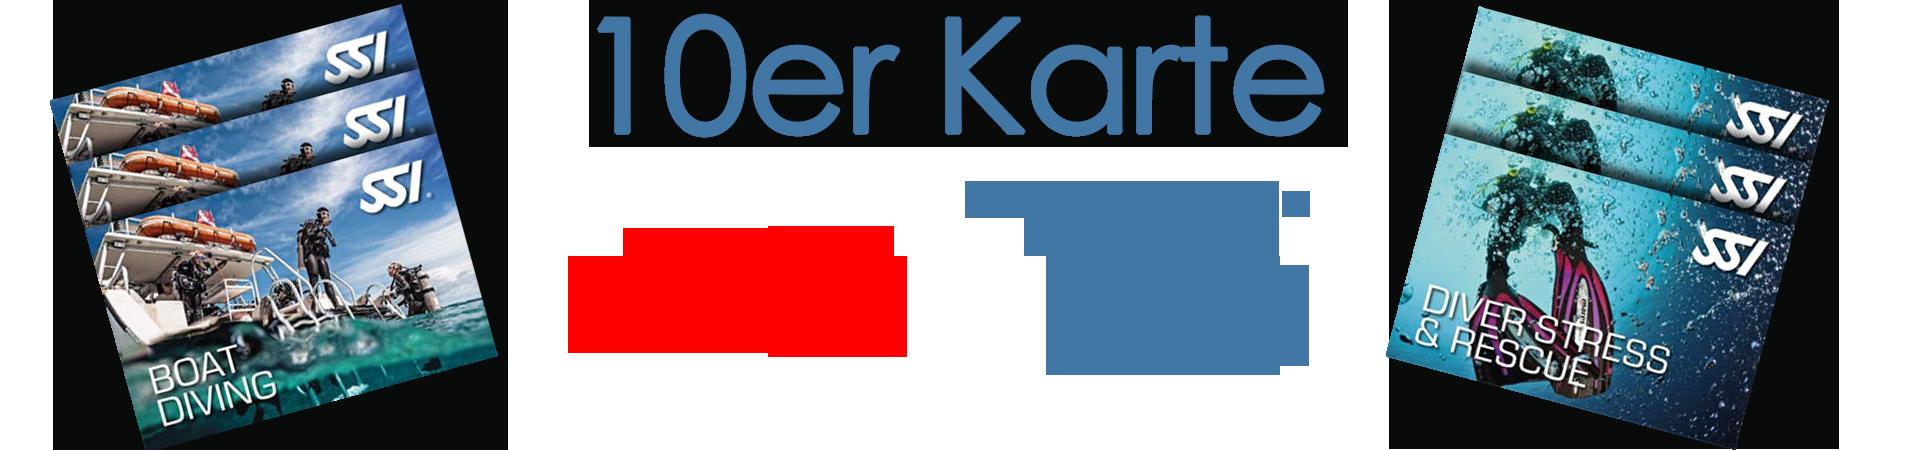 Banner-10er